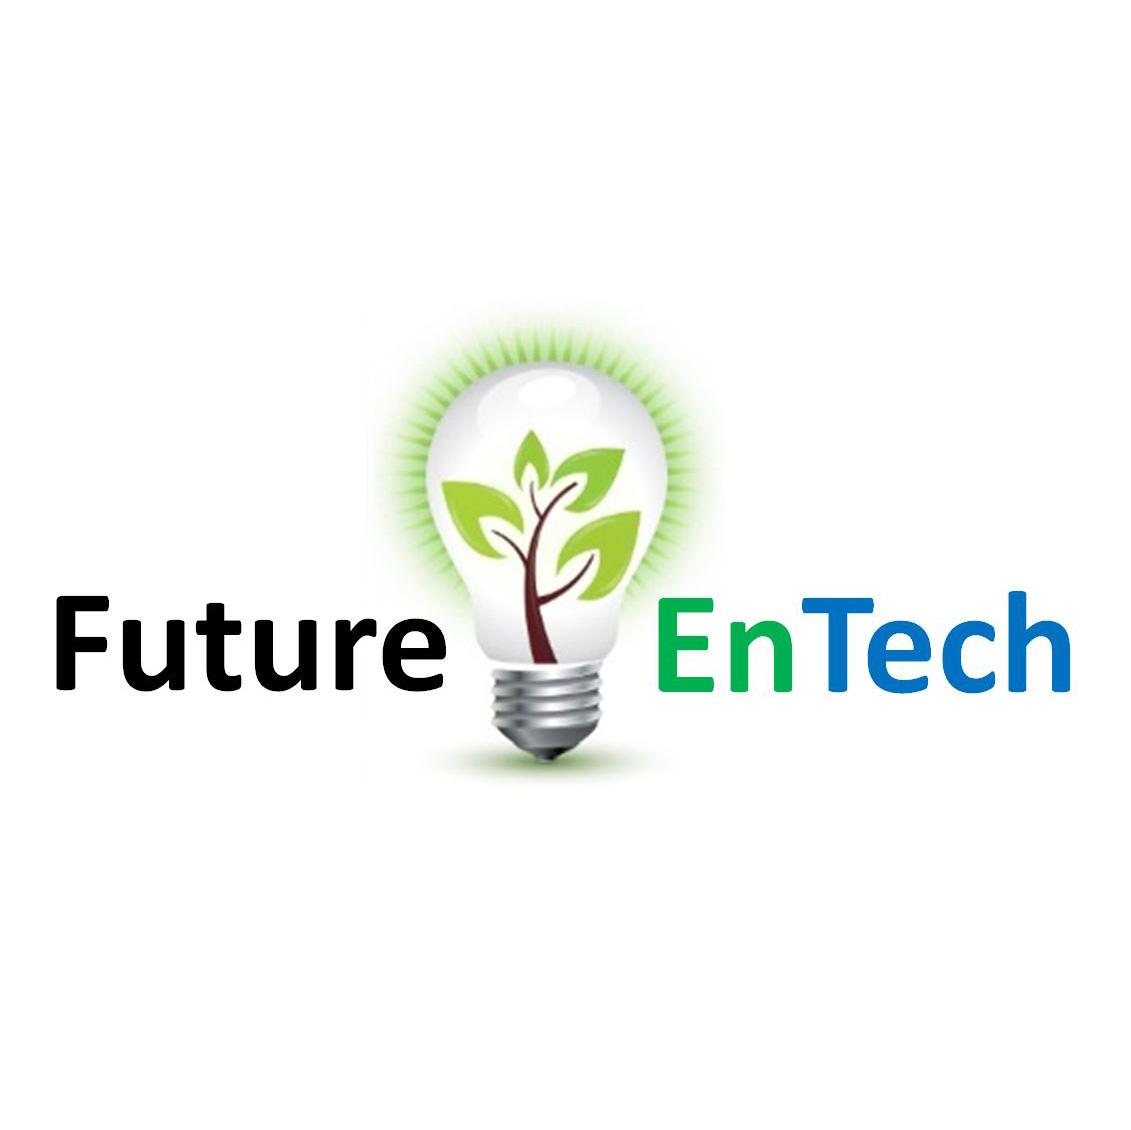 futureentech_logo.jpg